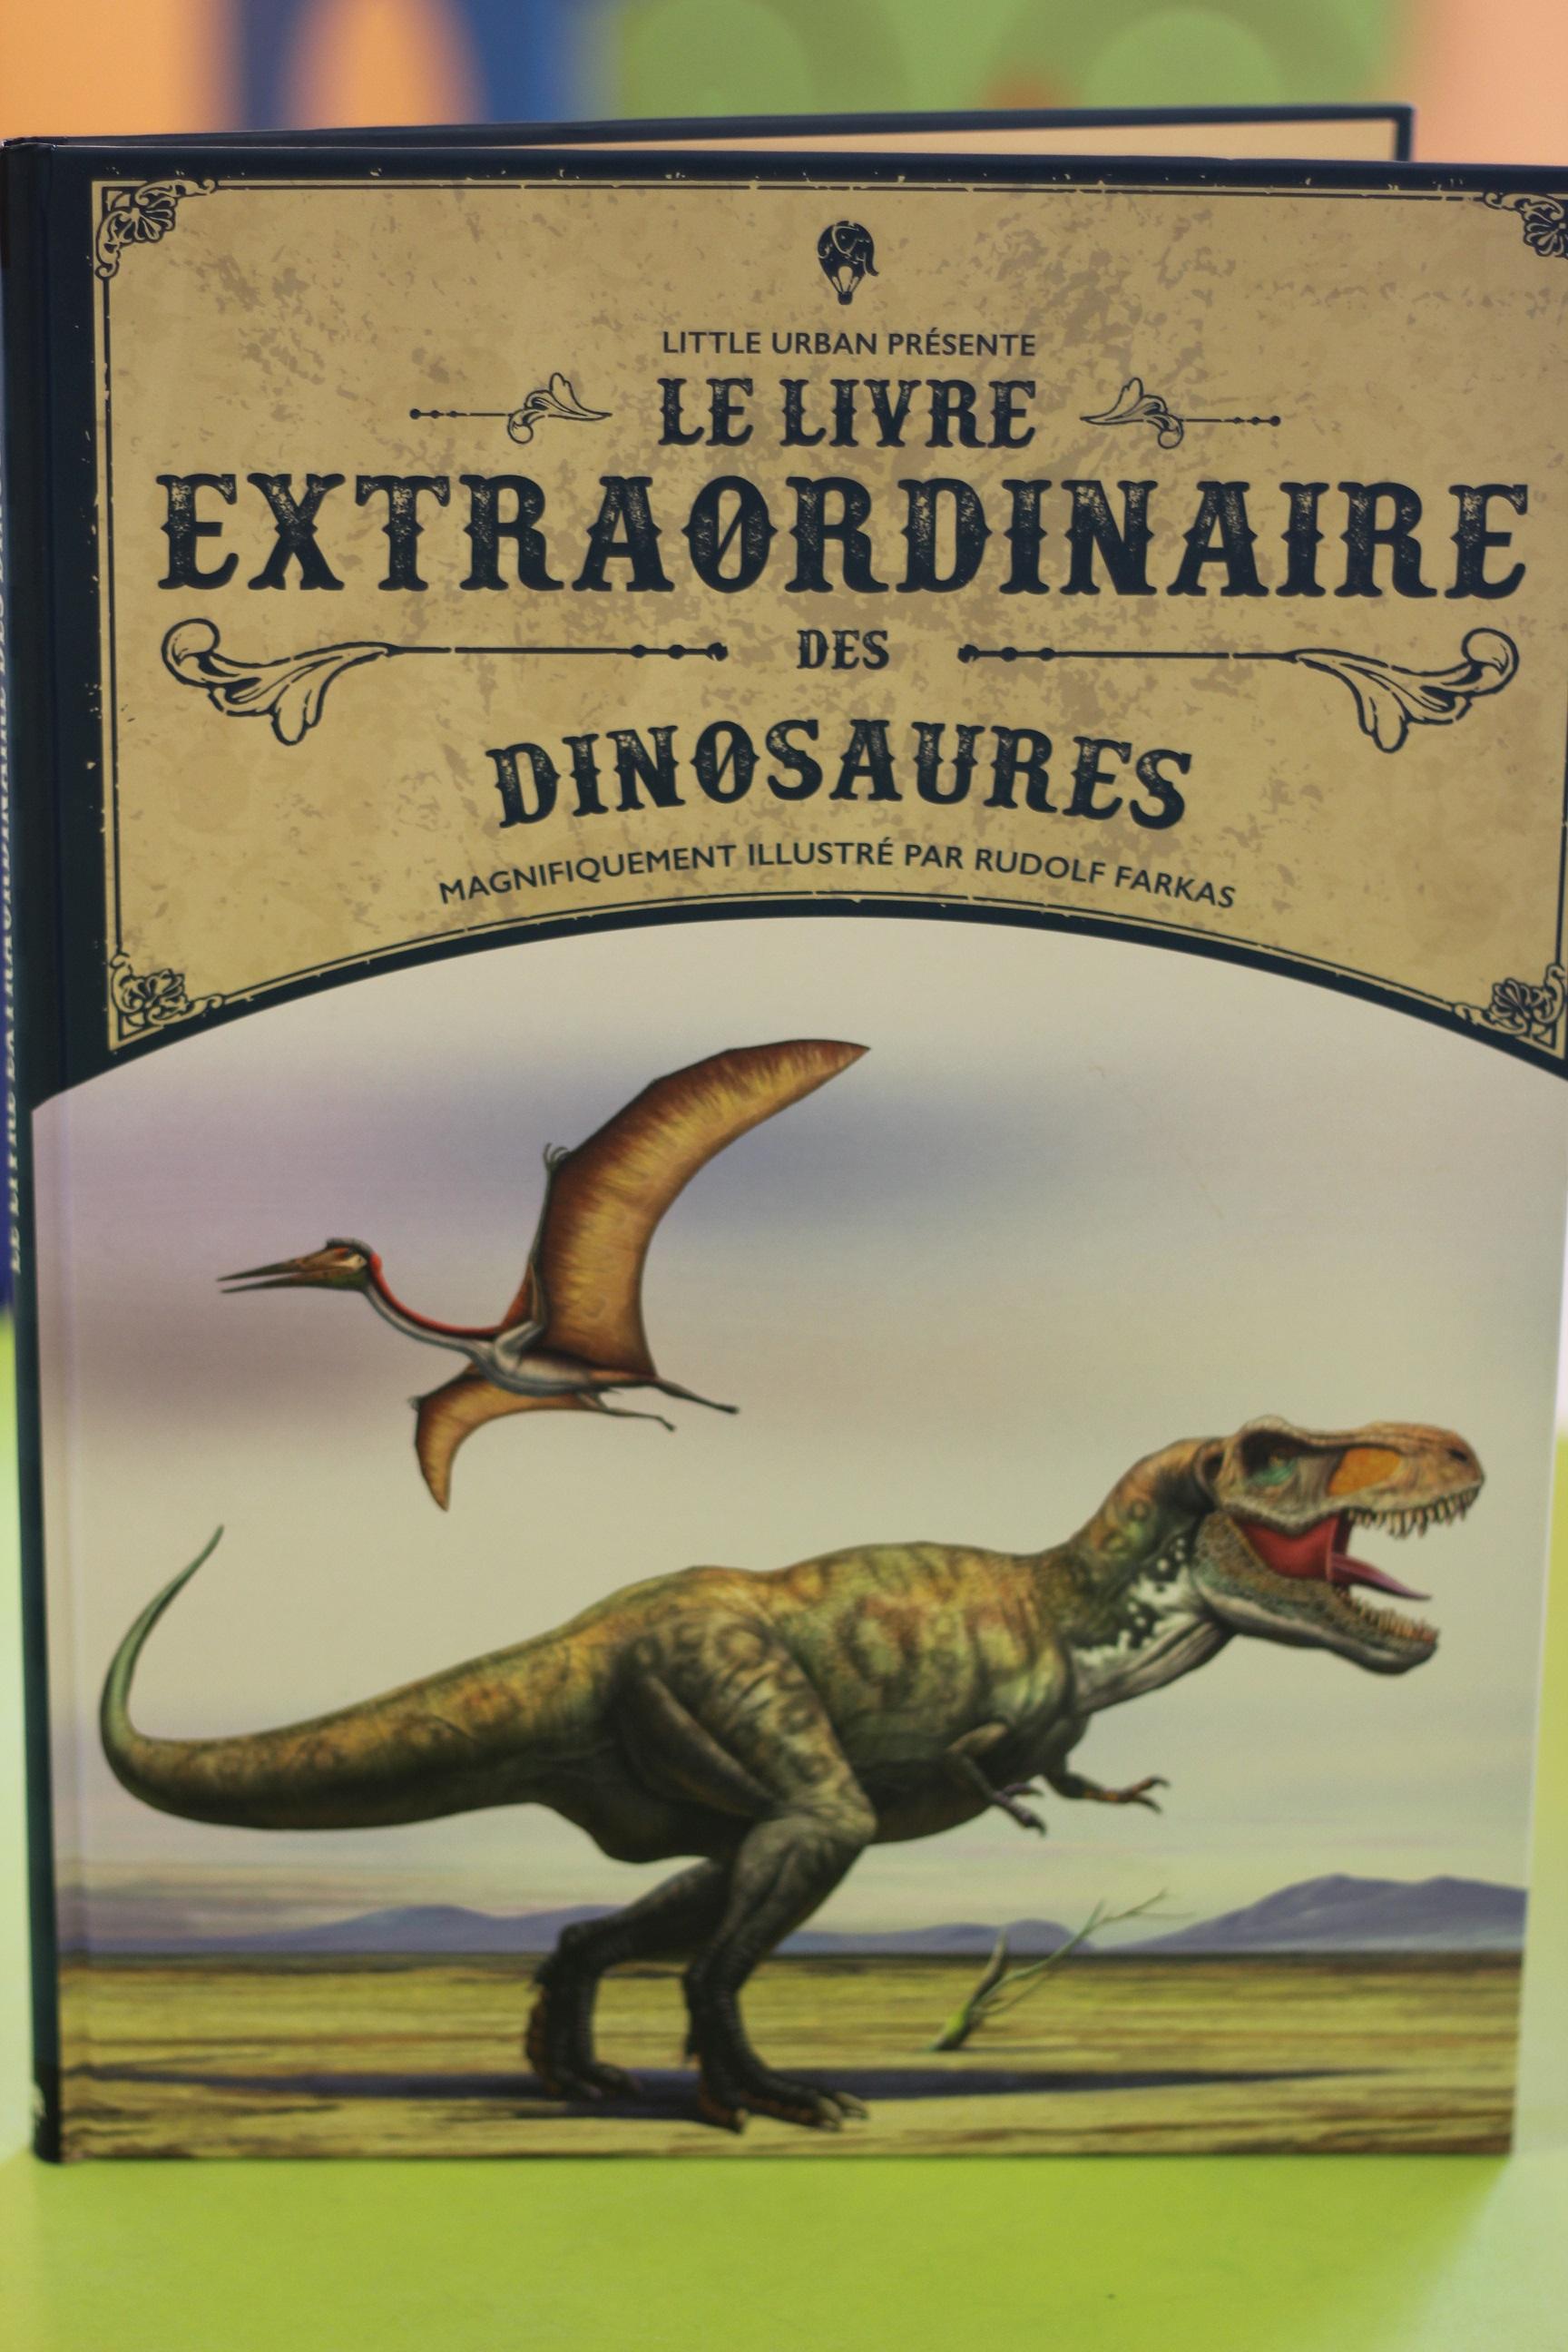 Le Livre Extraordinaire Des Dinosaures : livre, extraordinaire, dinosaures, [Avis, Livre], Livre, Extraordinaire, Dinosaures, Rudolf, Farkas, {Chut,, Enfants, Lisent, Hibou